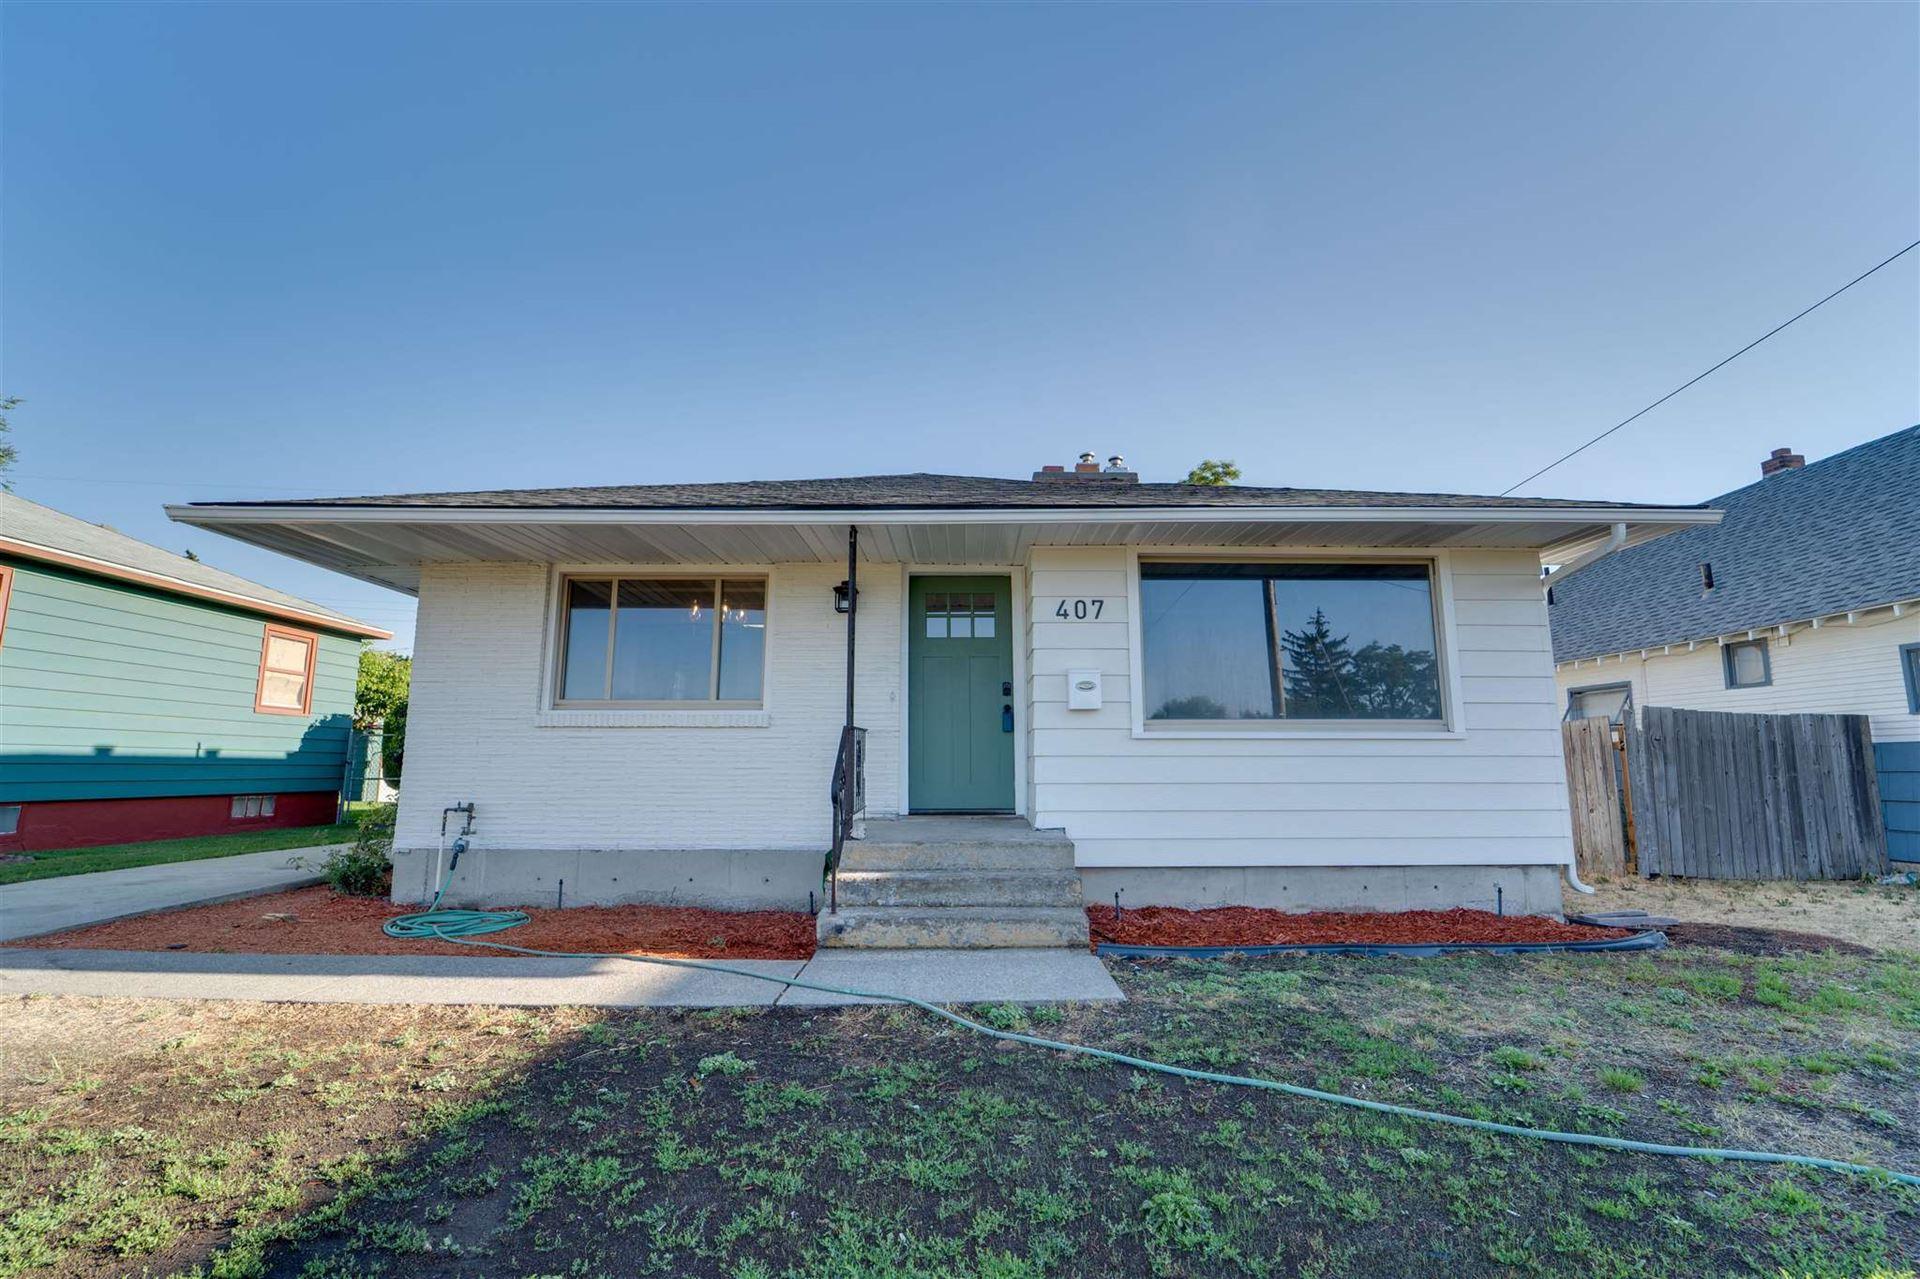 407 E Kiernan Ave, Spokane, WA 99207 - #: 202119361